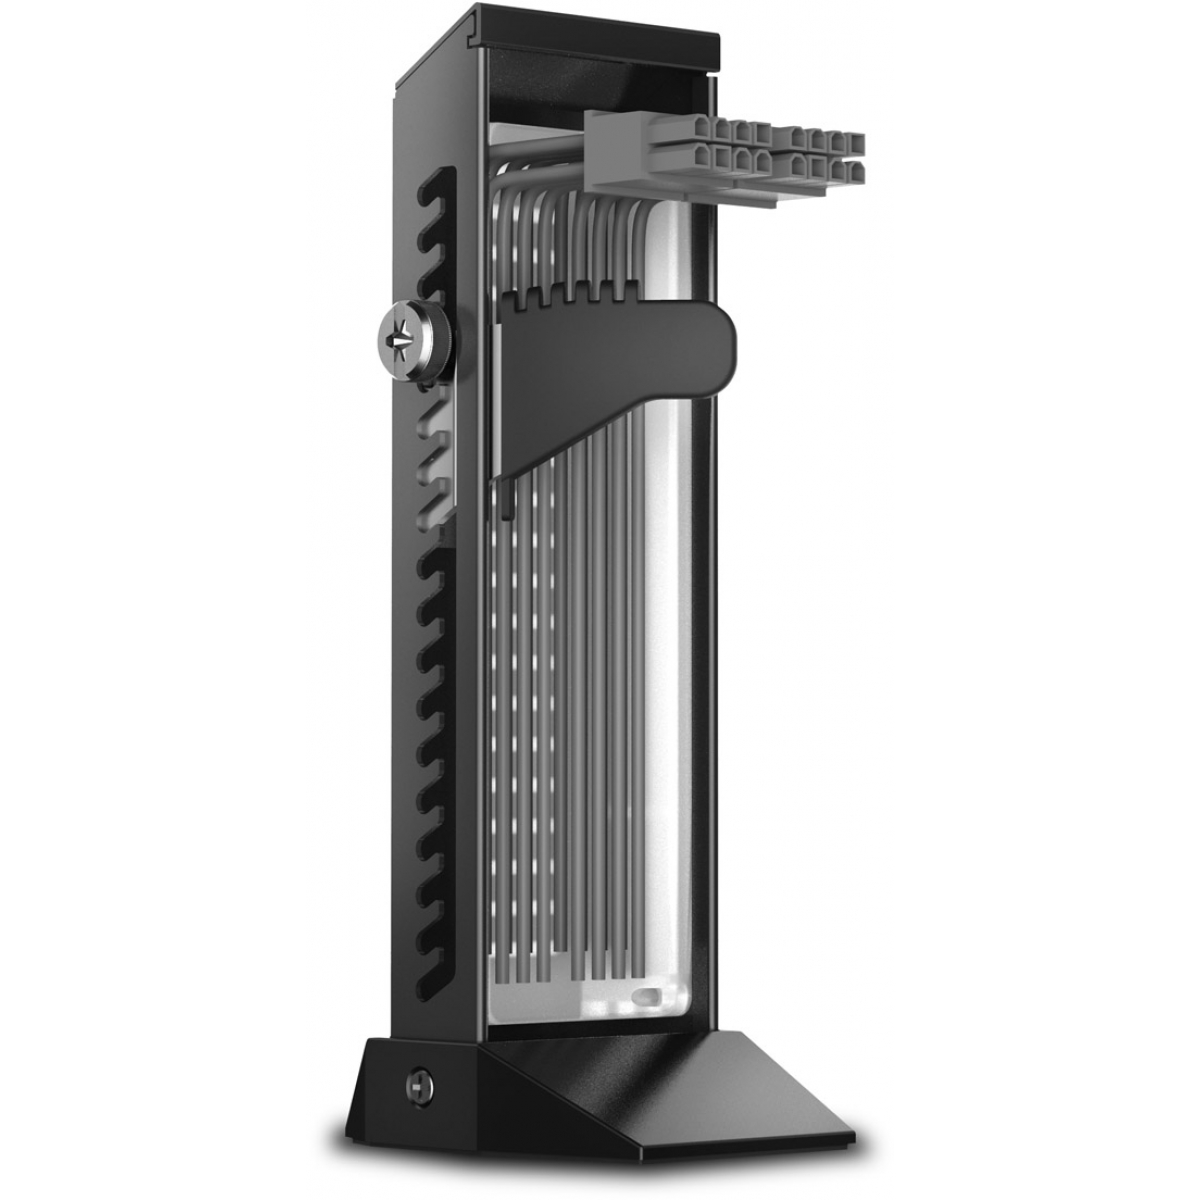 Suporte de Placa de Vídeo Deepcool GH-01 A-RGB, Black, GH-01 A-RGB